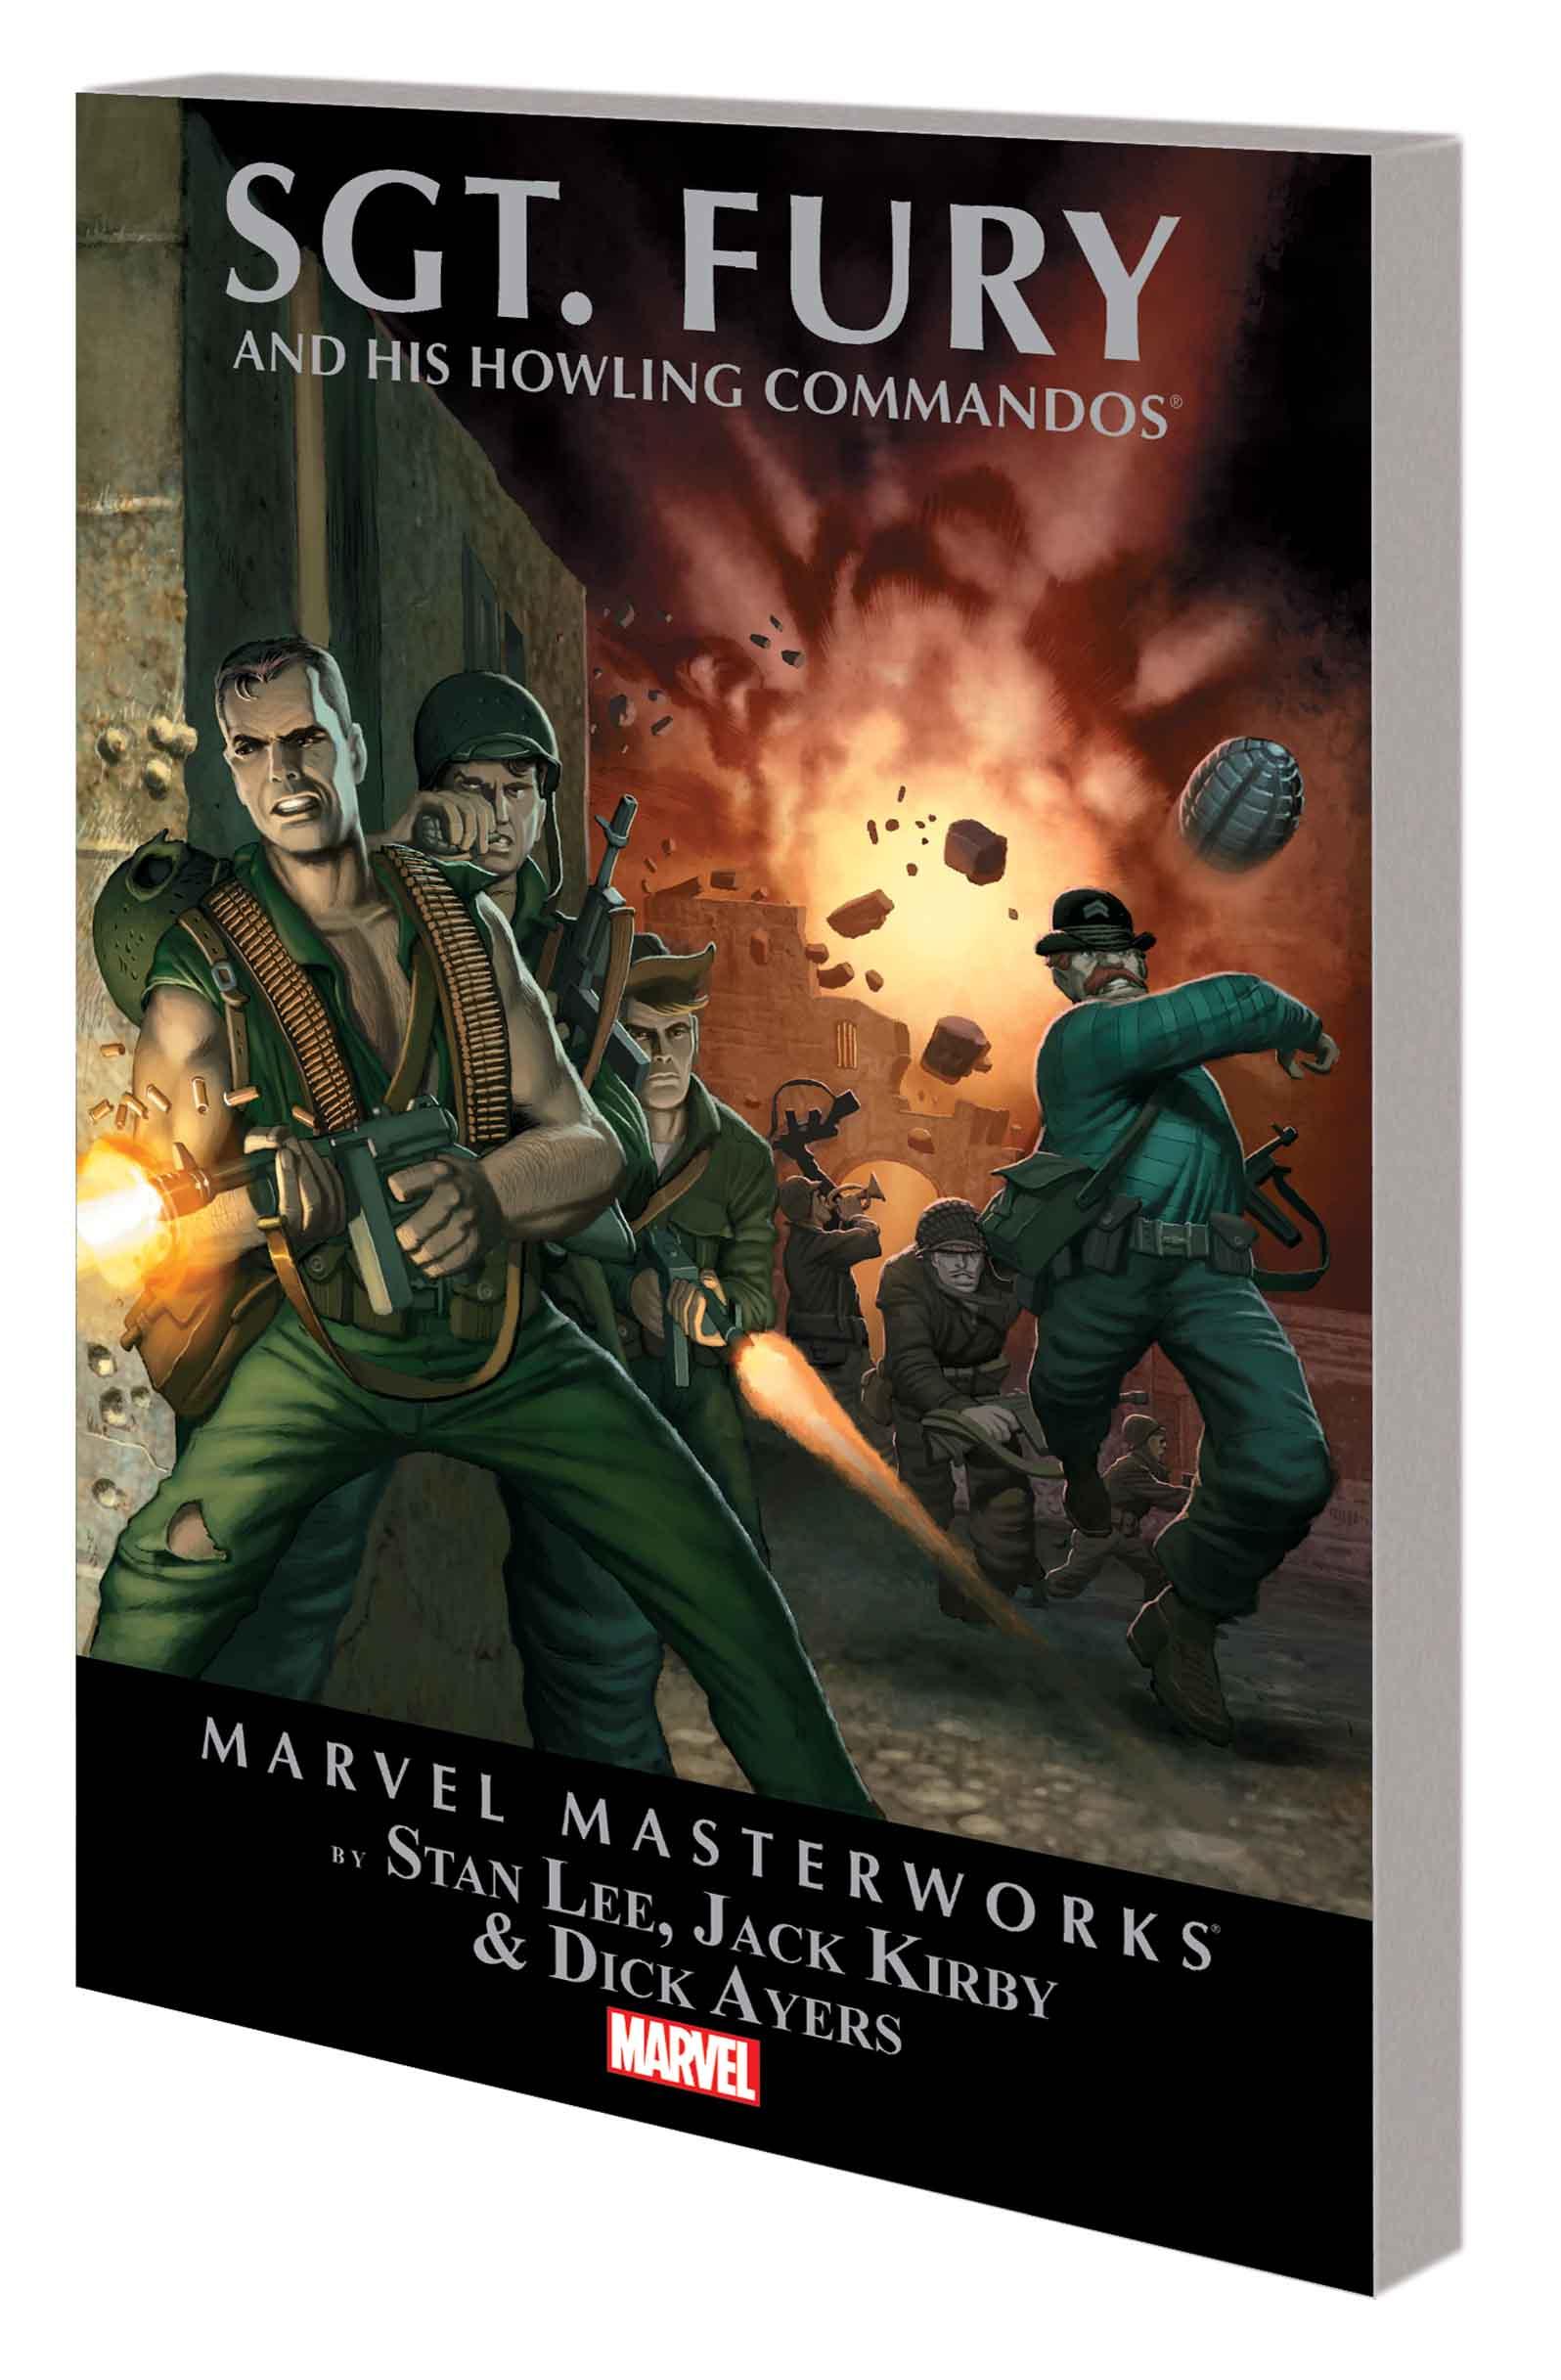 Marvel Masterworks: Sgt. Fury (Trade Paperback)